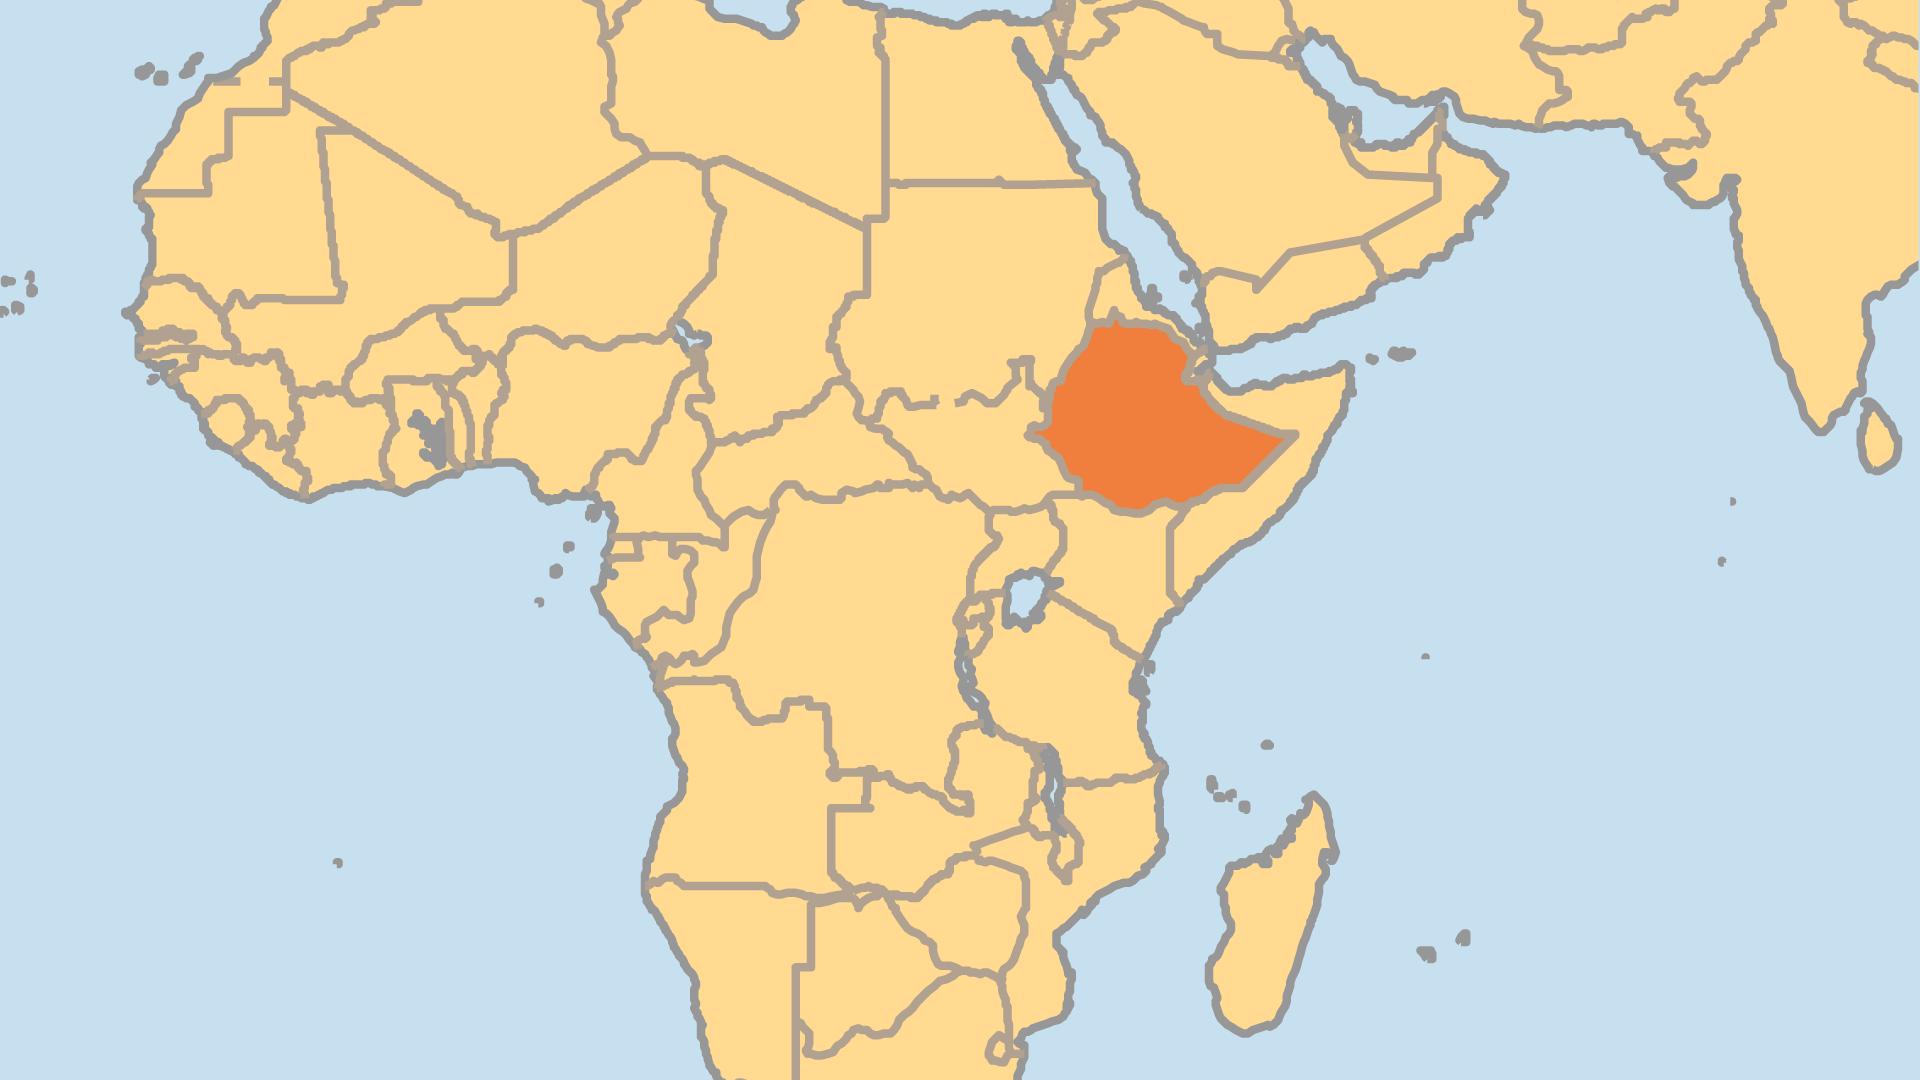 Locator Map for Ethiopia